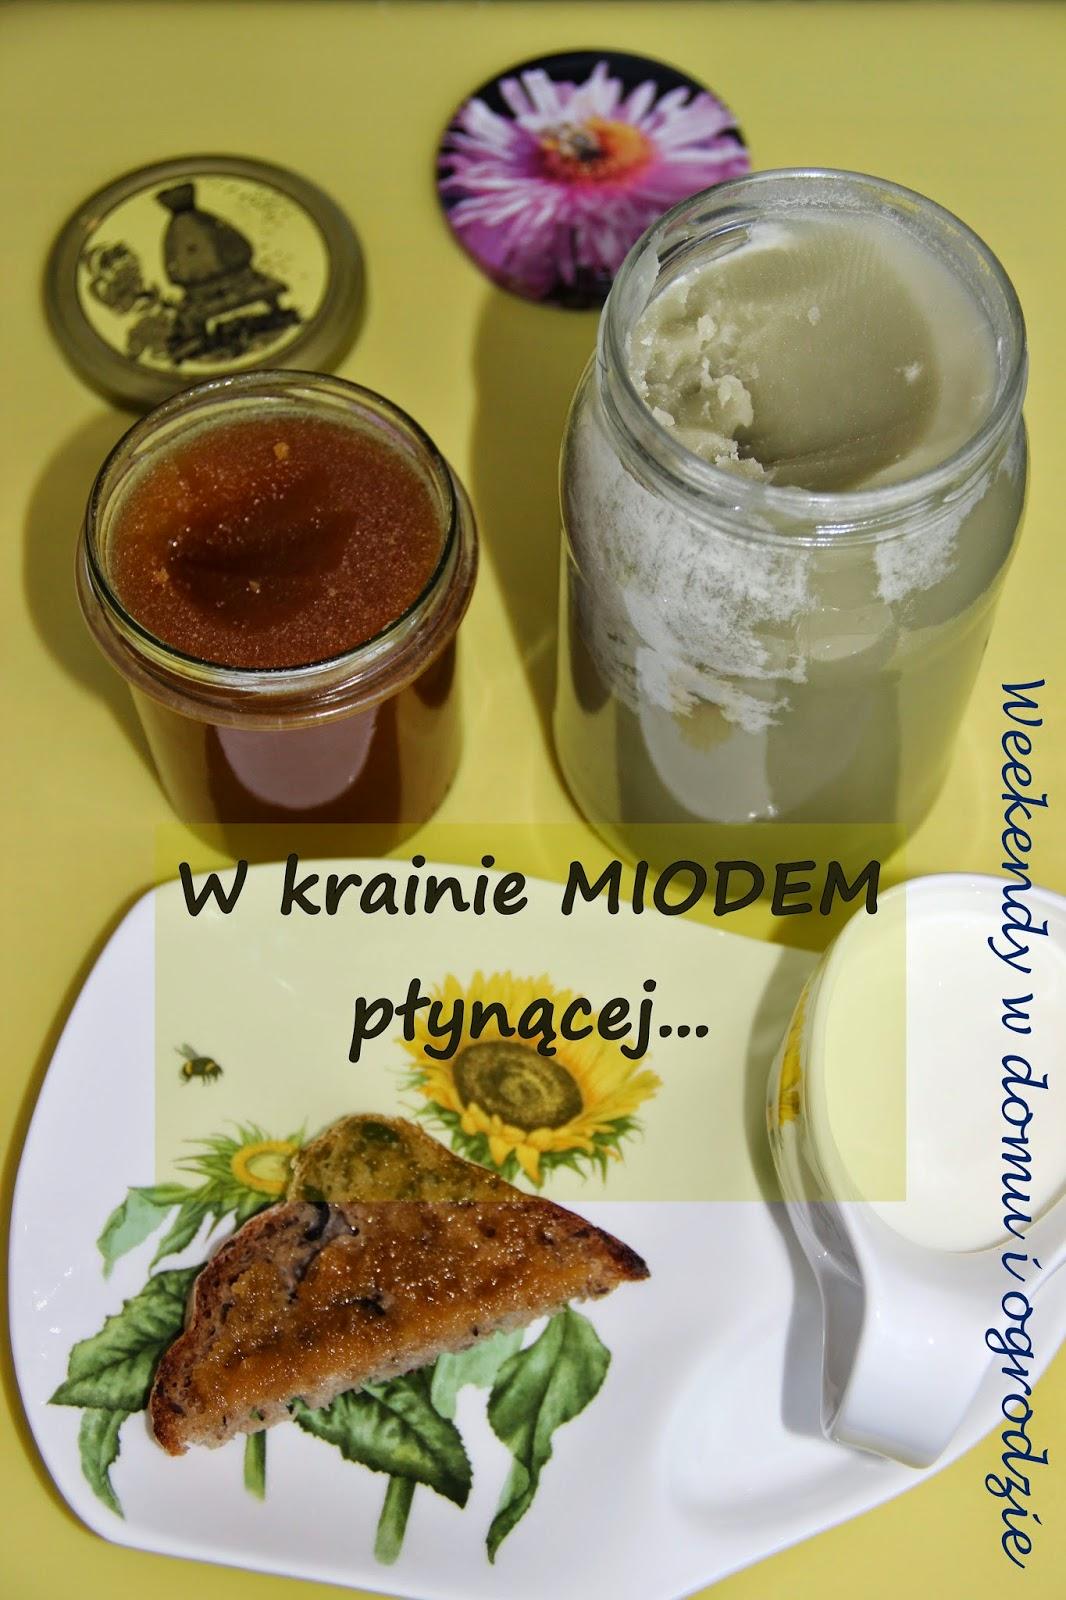 http://weekendywdomuiogrodzie.blogspot.com/2015/03/w-krainie-miodem-pynacej-akcja-kulinarna.html